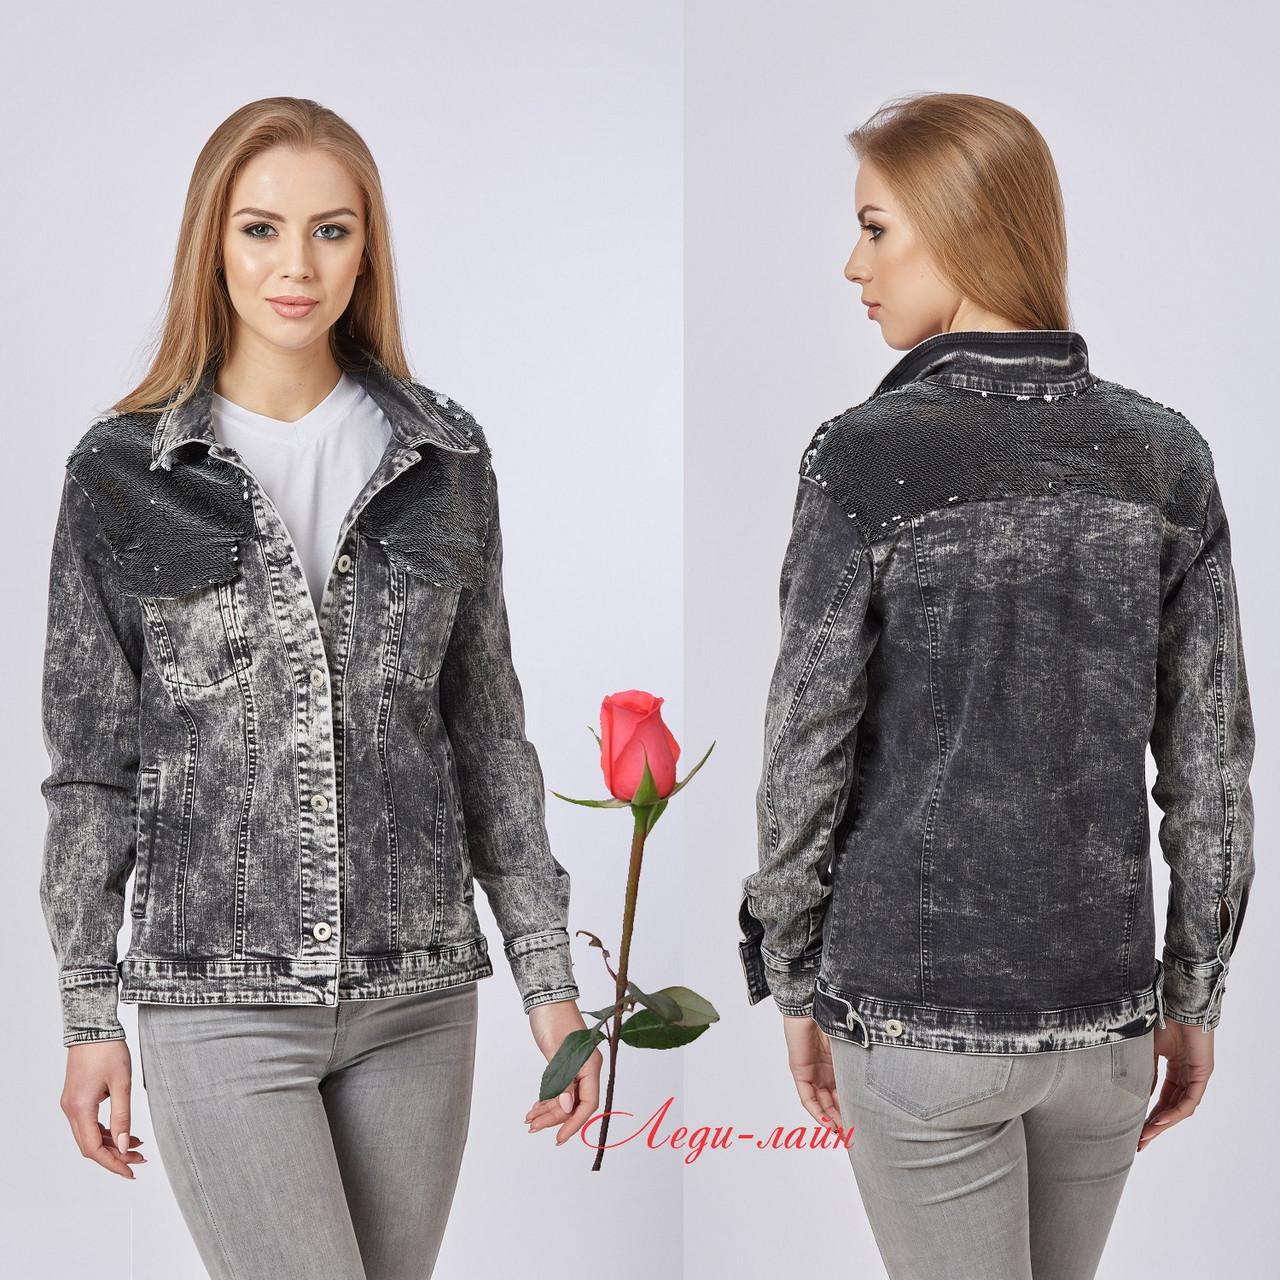 Женская джинсовая демисезонная куртка-жакетна пуговицах MN Q-7729